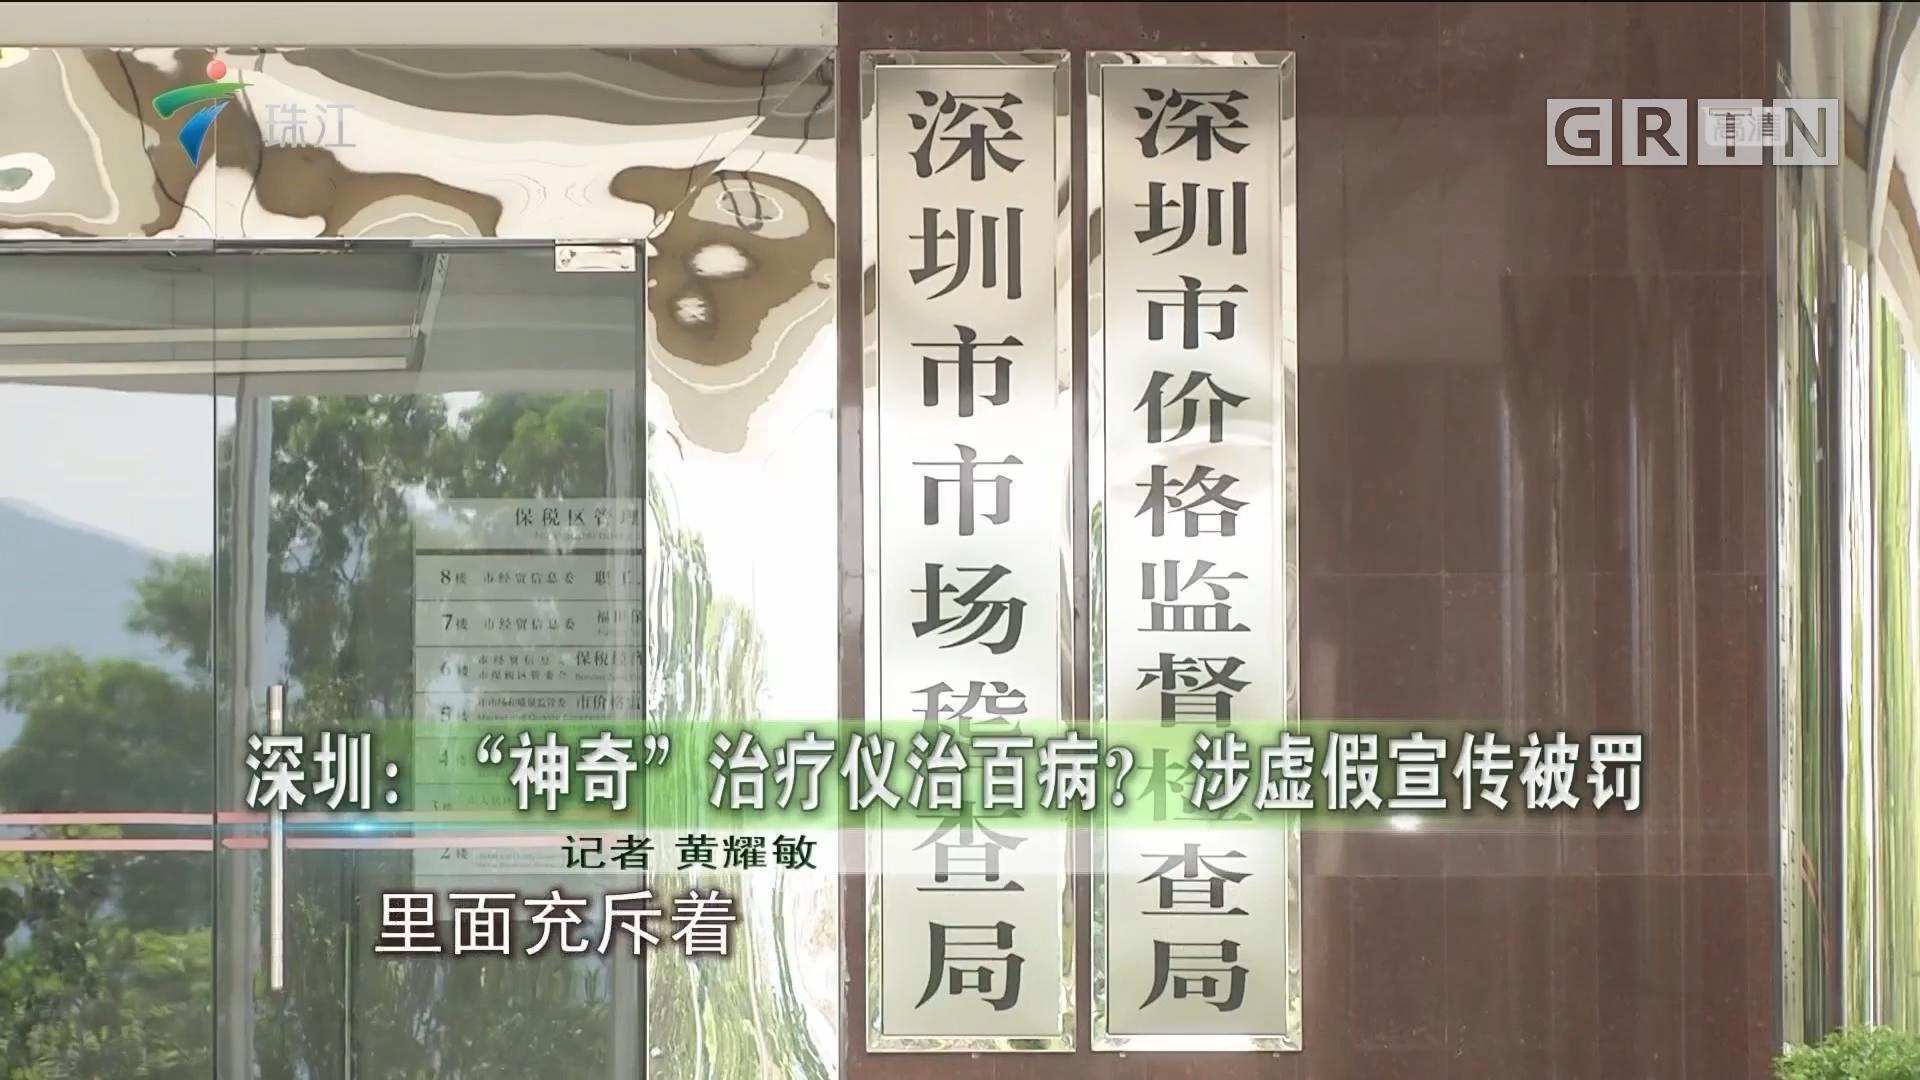 """深圳:""""神奇""""治疗仪治百病?涉虚假宣传被罚"""